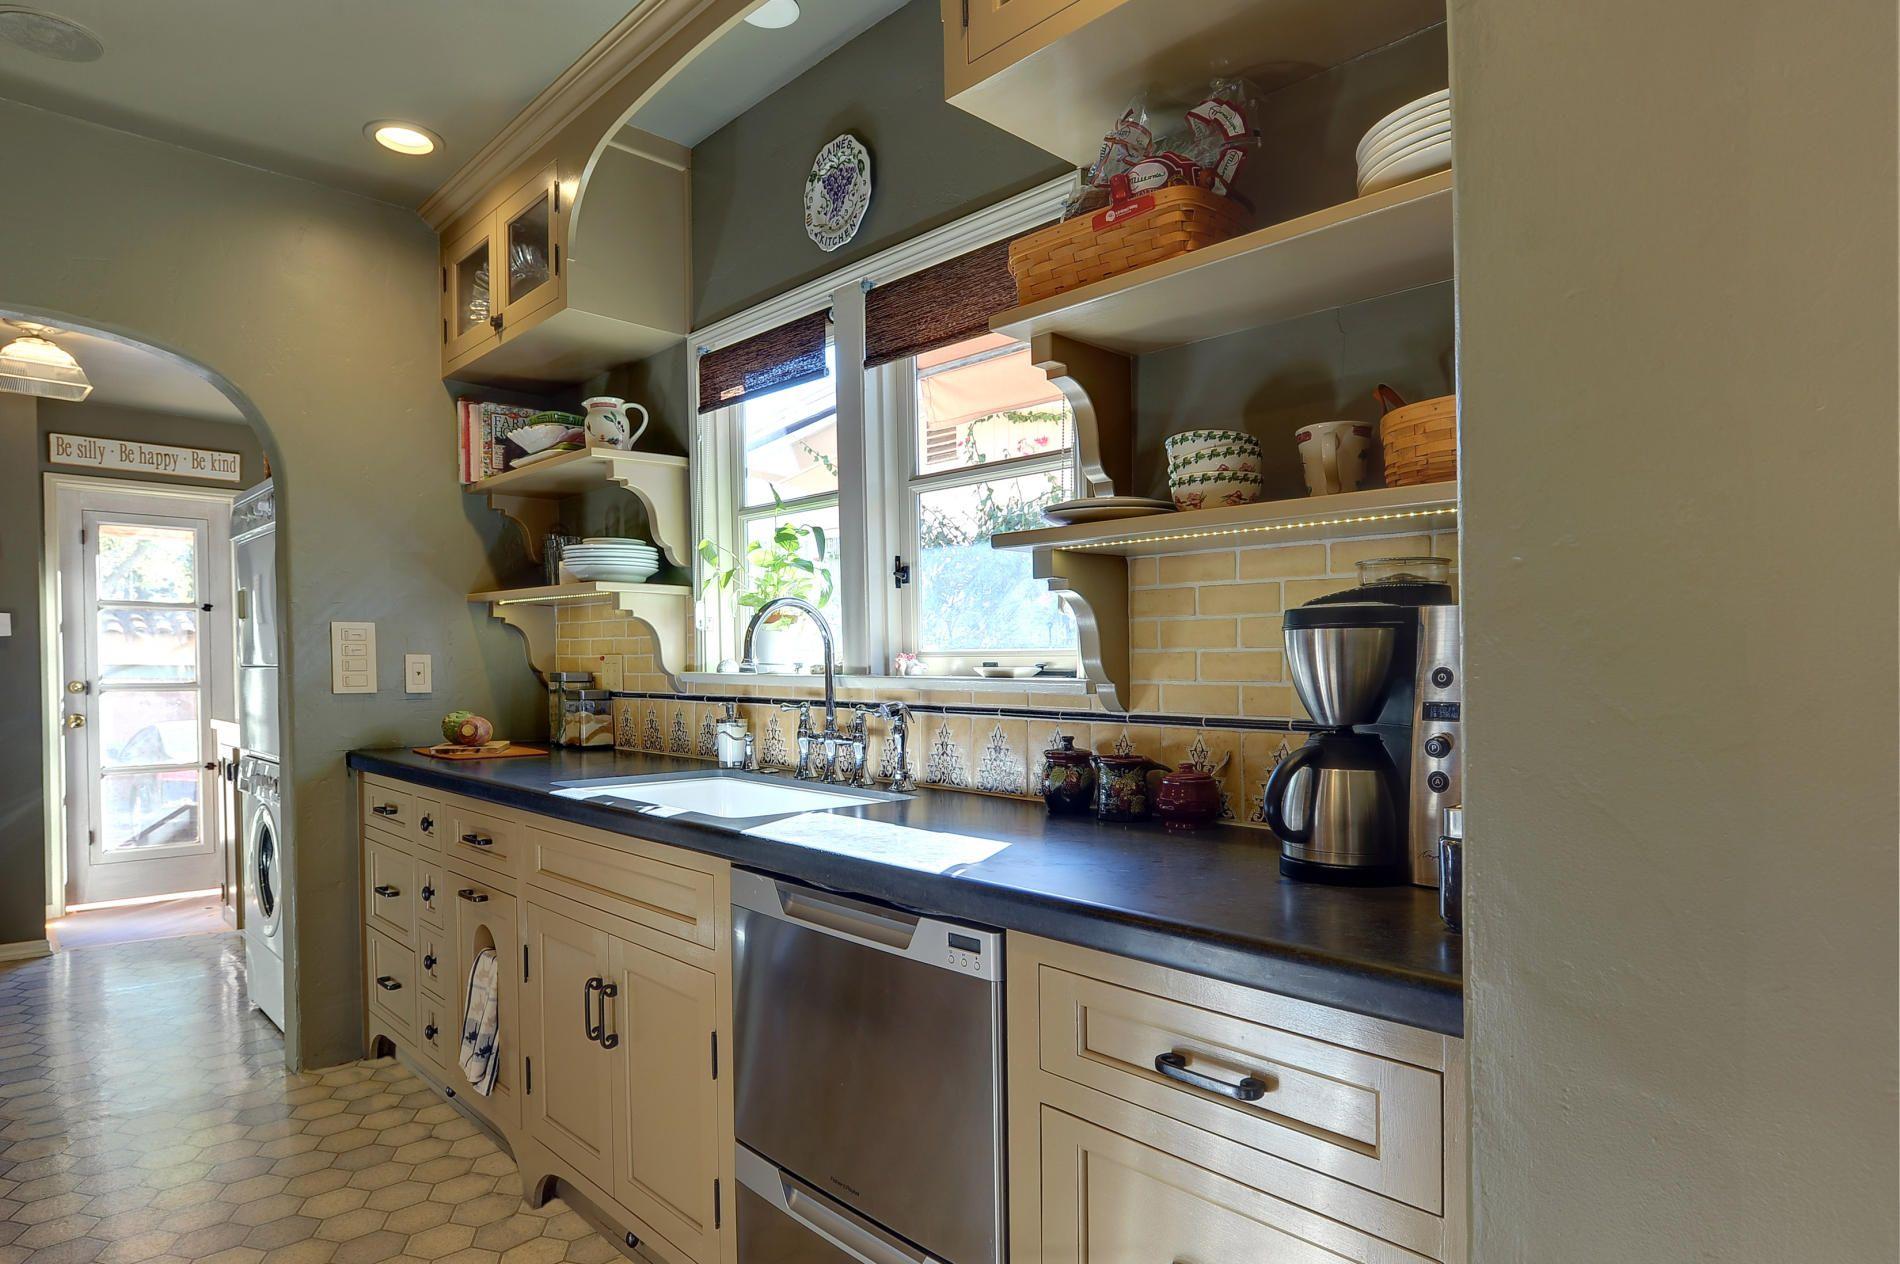 Salamoff Design Studio - Moroccan Style Kitchen Design   My Kitchen ...